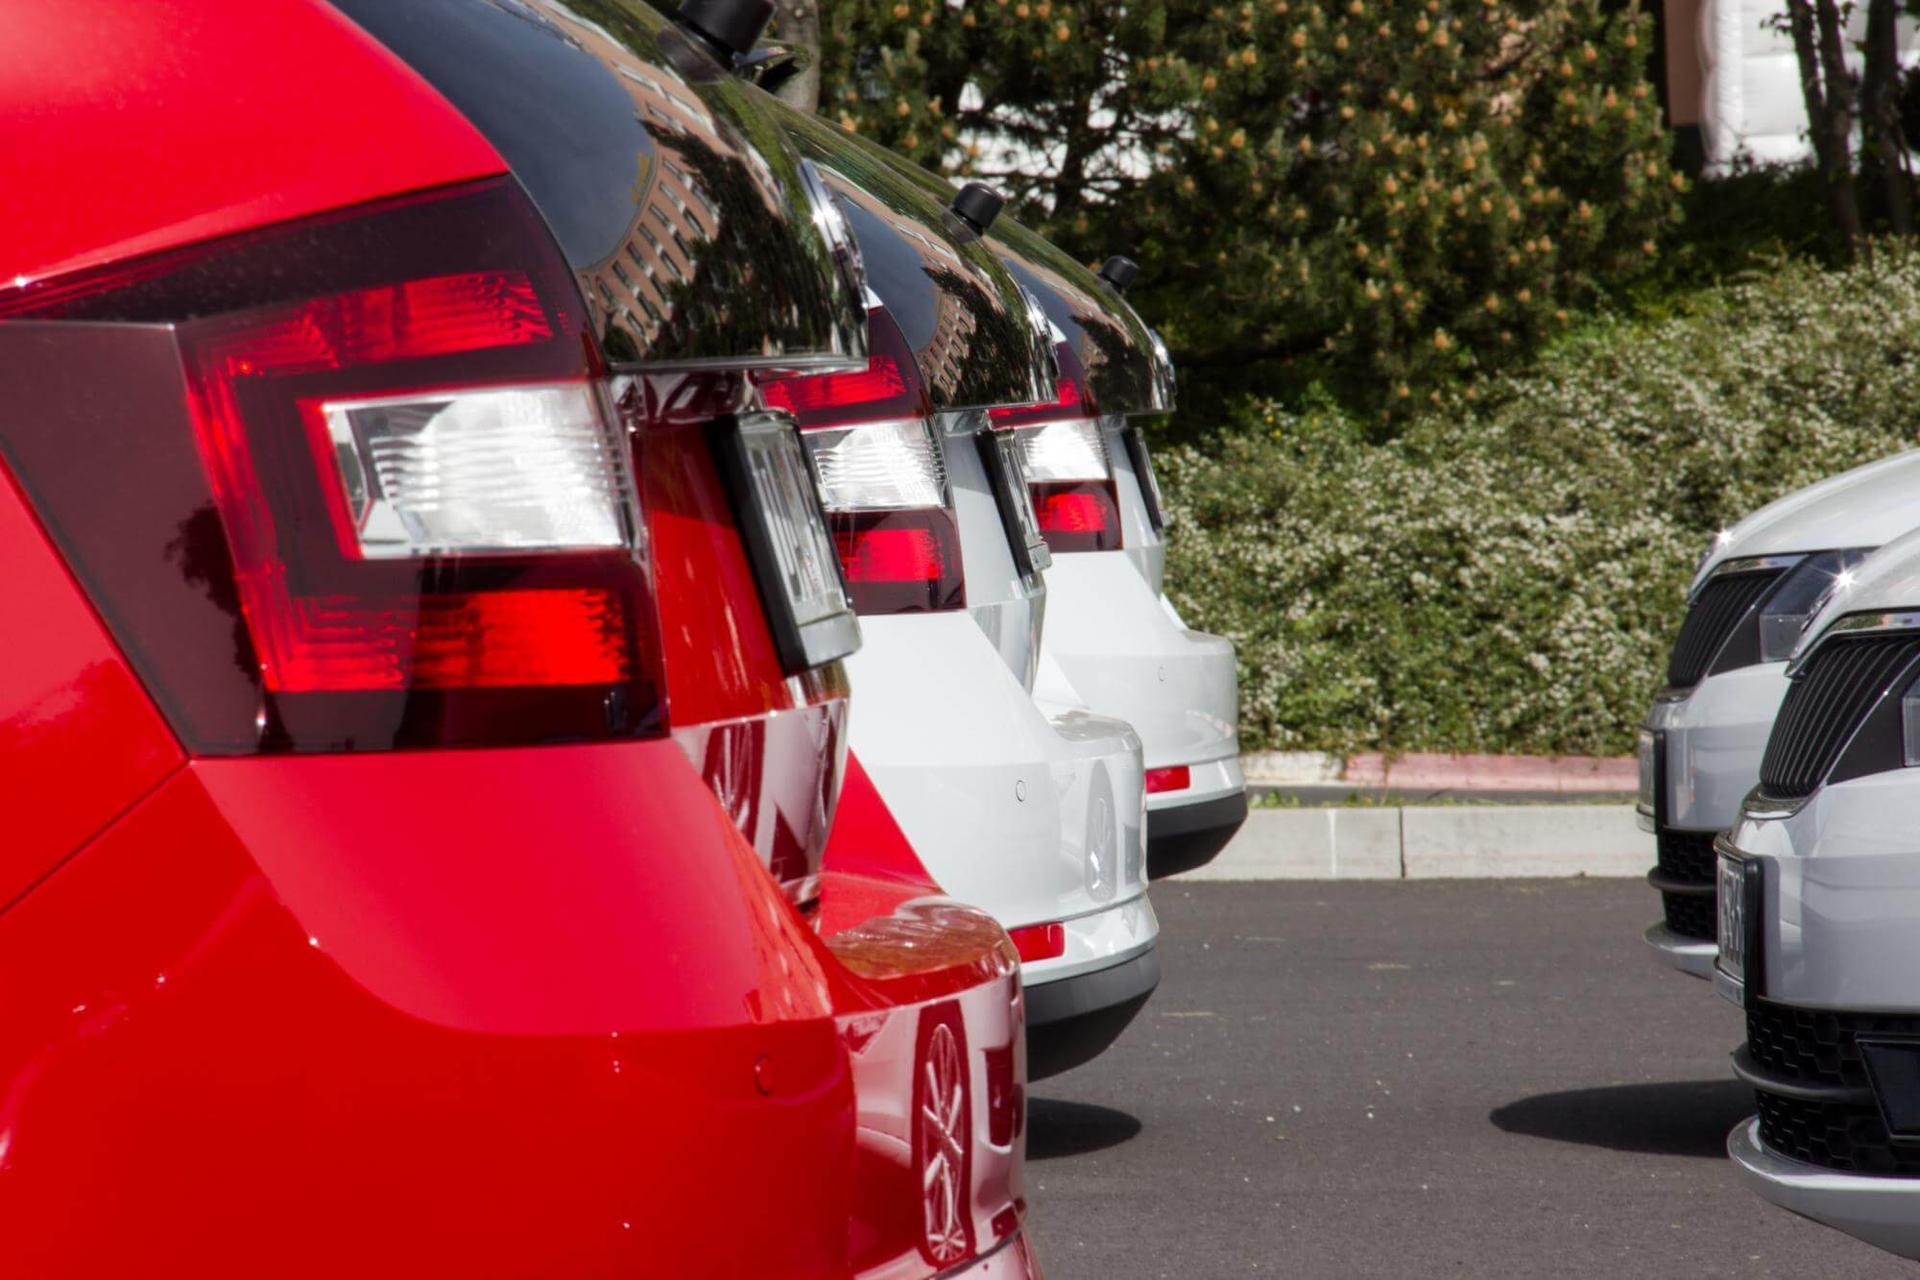 EU Neuwagen - EU Fahrzeuge - Reimporte. Jetzt kostenlos B2B-Händlerzugang anfordern